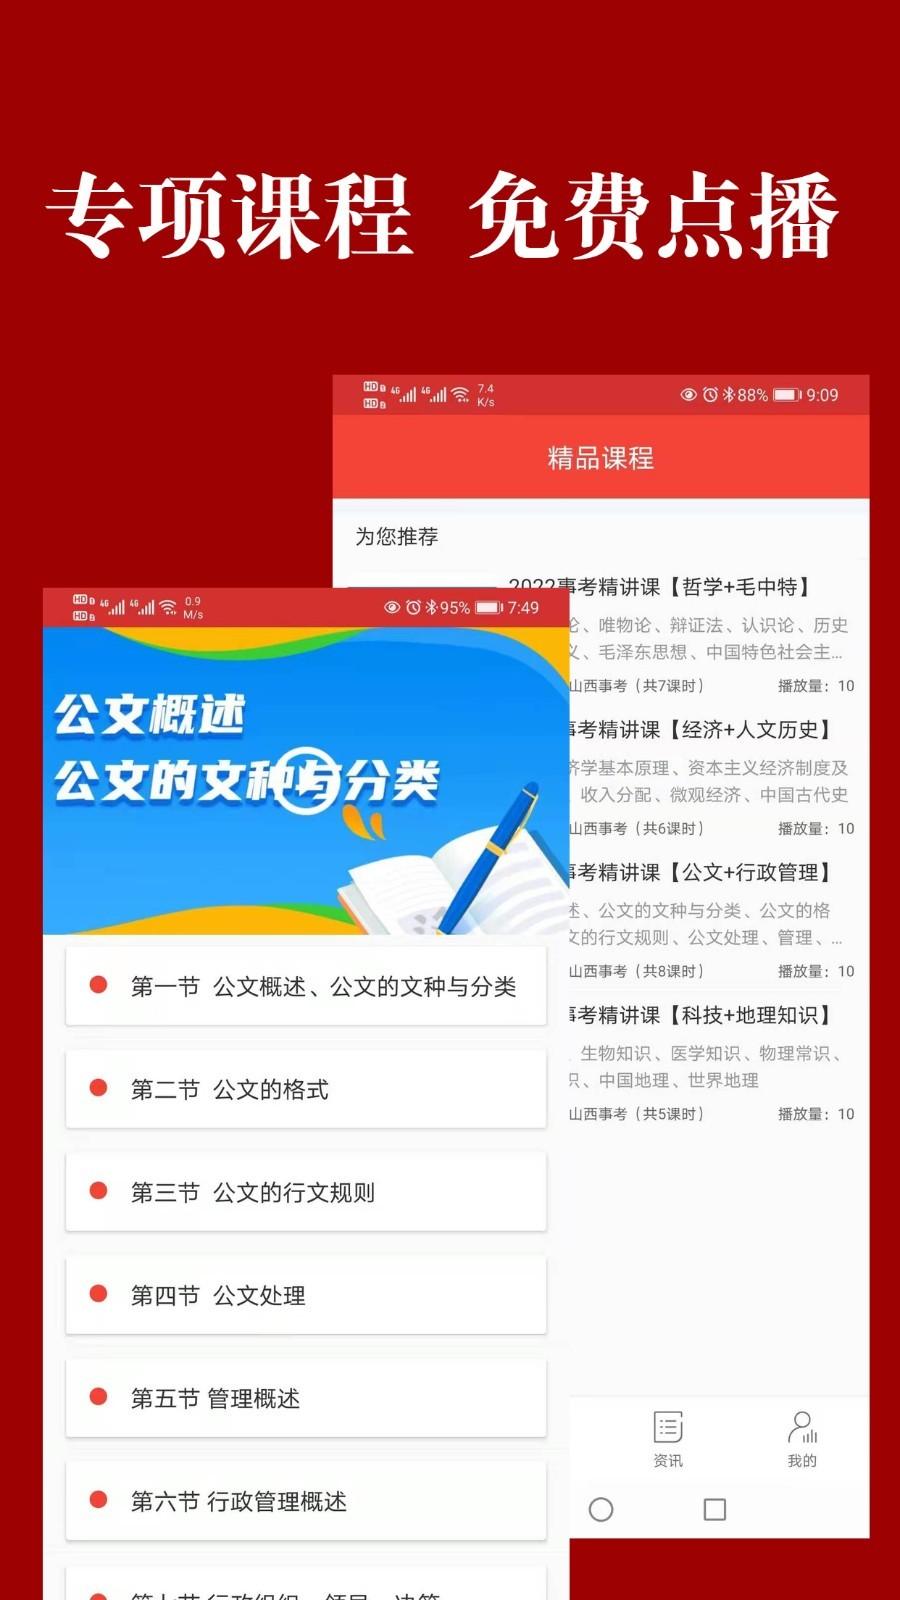 山西事考手机版下载(暂未上线)